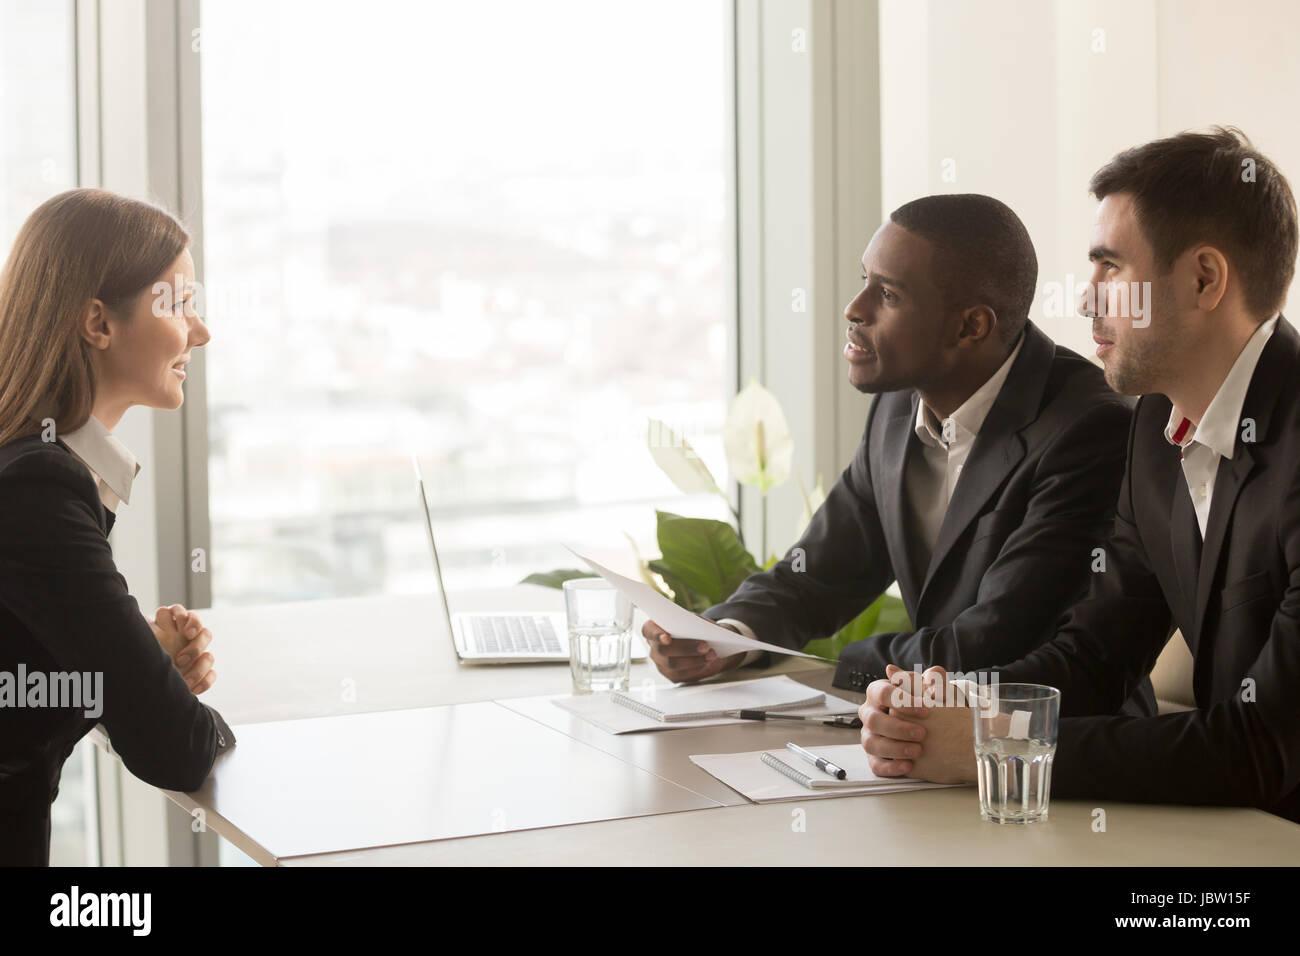 Seitenansicht der weiblichen Bewerber Einführung selbst bei Vorstellungsgespräch, reden, Berufserfahrung, Stockbild